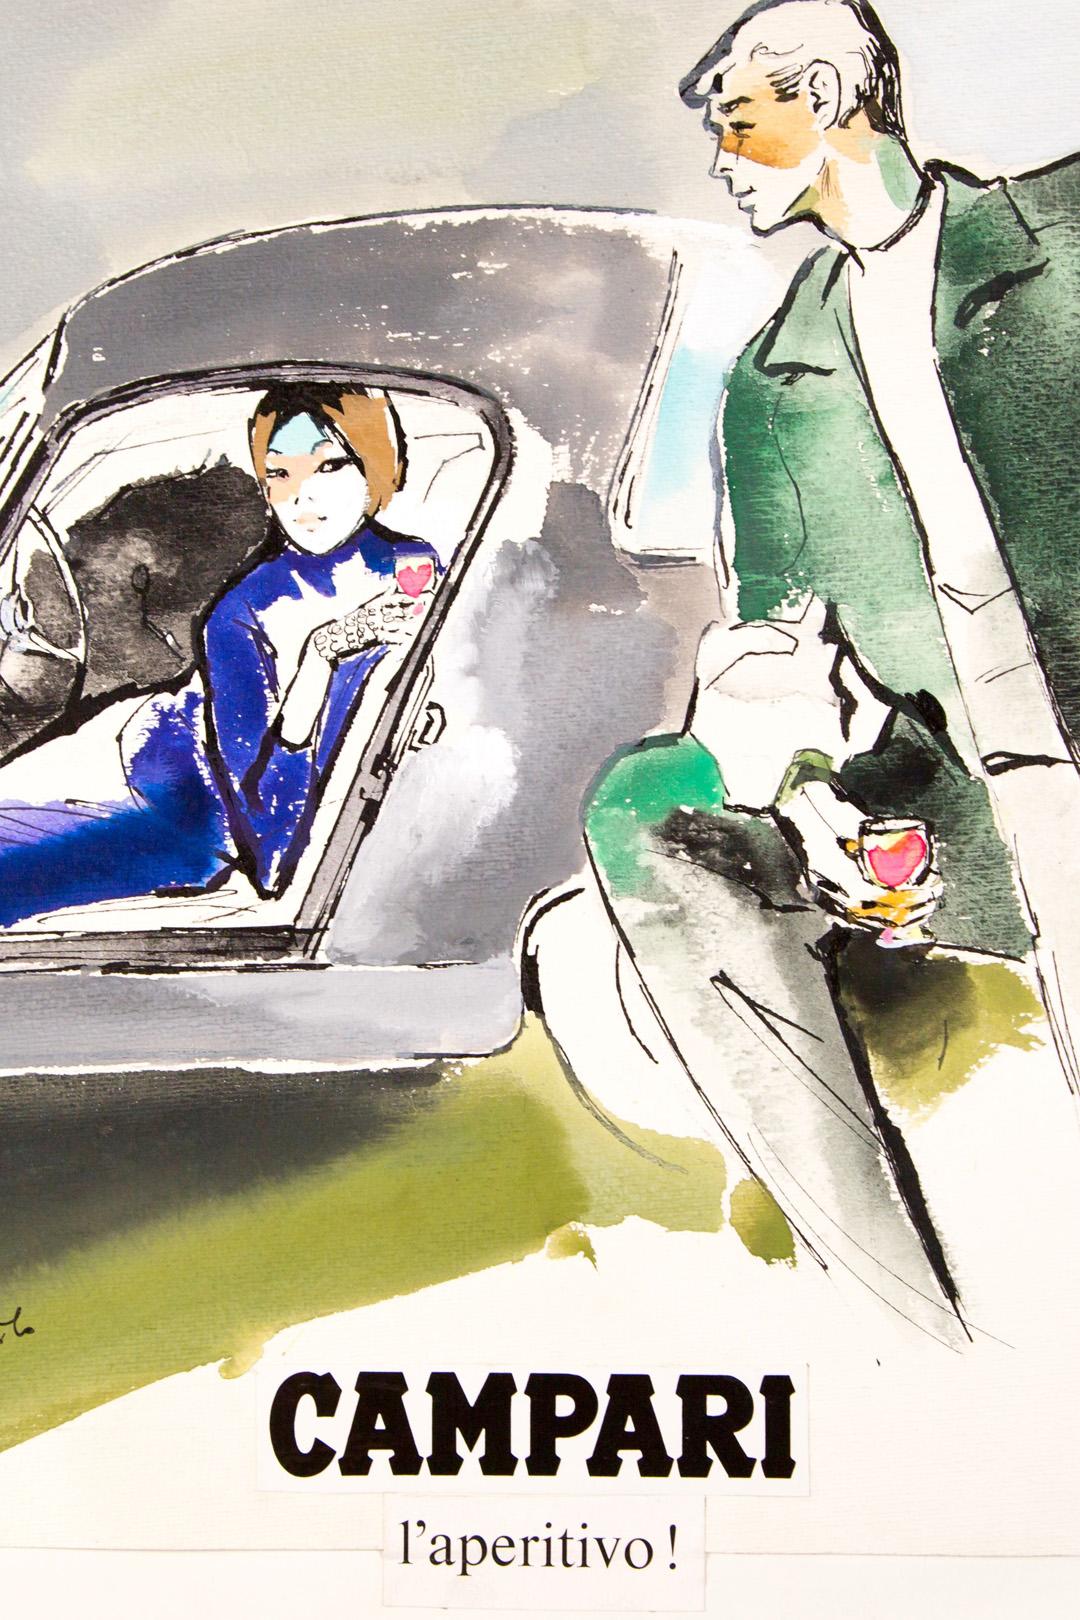 reclame-una-passione-una-collezione-franz-marangolo-anni-50-china-acquarello-e-collage-su-cartoncino-2